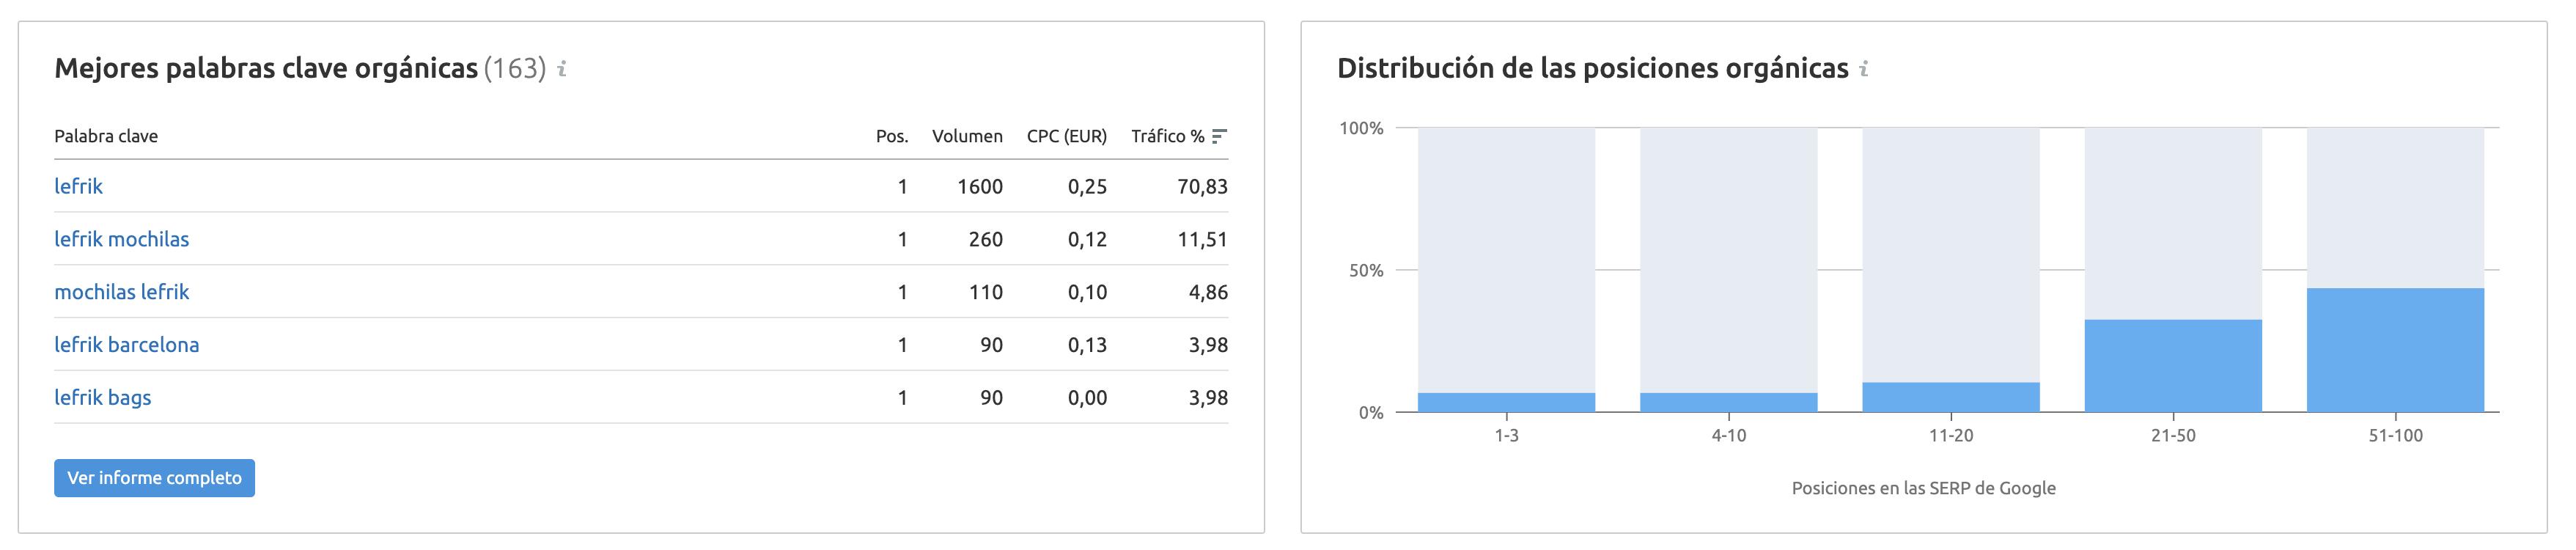 Estrategias de marketing ecológico - Distribución de las posiciones orgánicas Lefrik